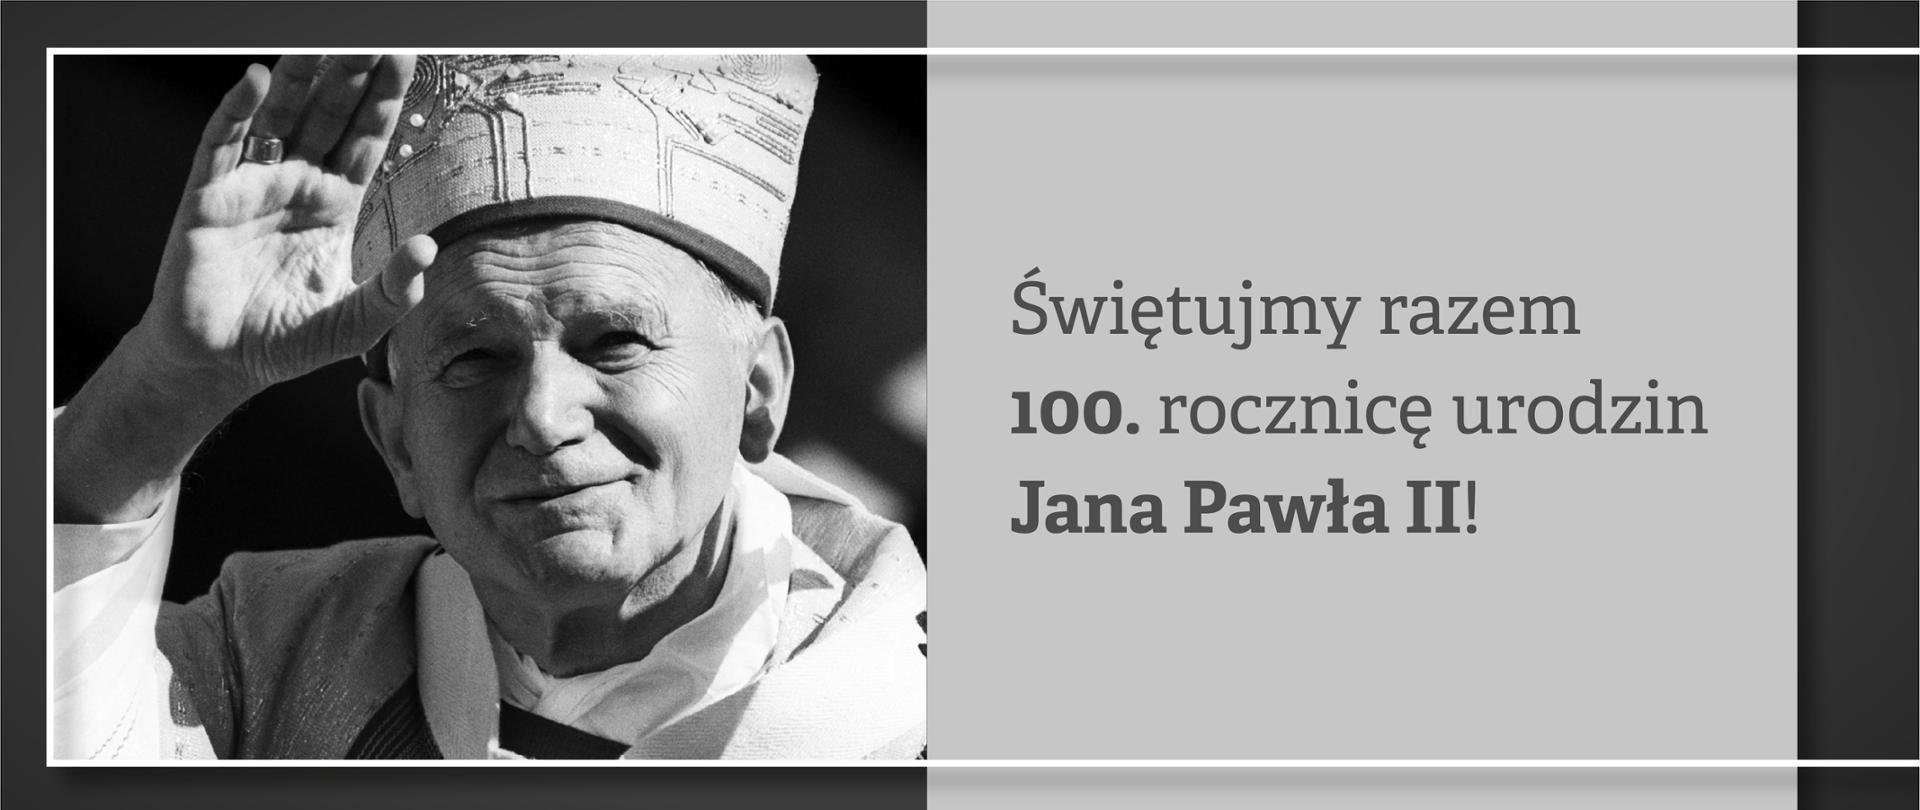 Grafika z wizerunkiem błogosławiącego Jana Pawła II i napisem Świętujmy razem setną rocznicę urodzin Jana Pawła II!